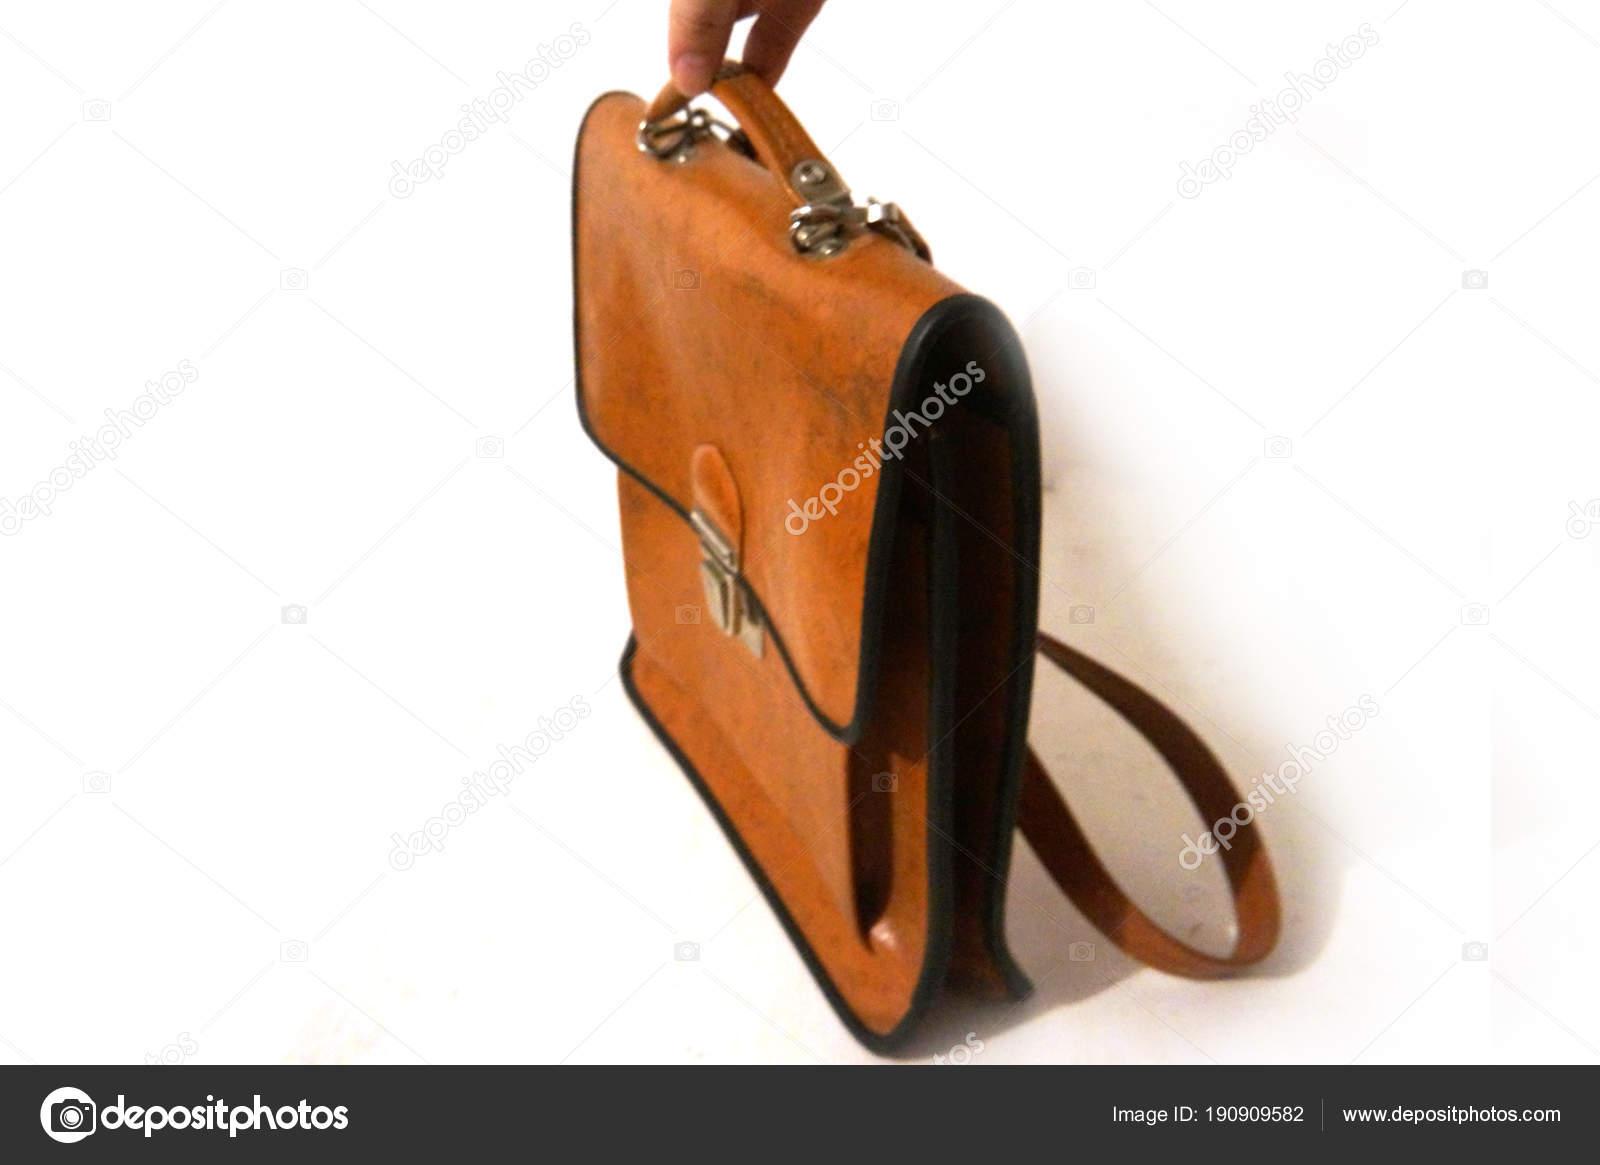 aa0c21ca0 Bolsa en la mano, mano, cartera de cuero marrón Vintage, cartera vintage, cartera  marrón, bolso de escuela, bolso viejo, bolsa vieja, vintage soviético, ...